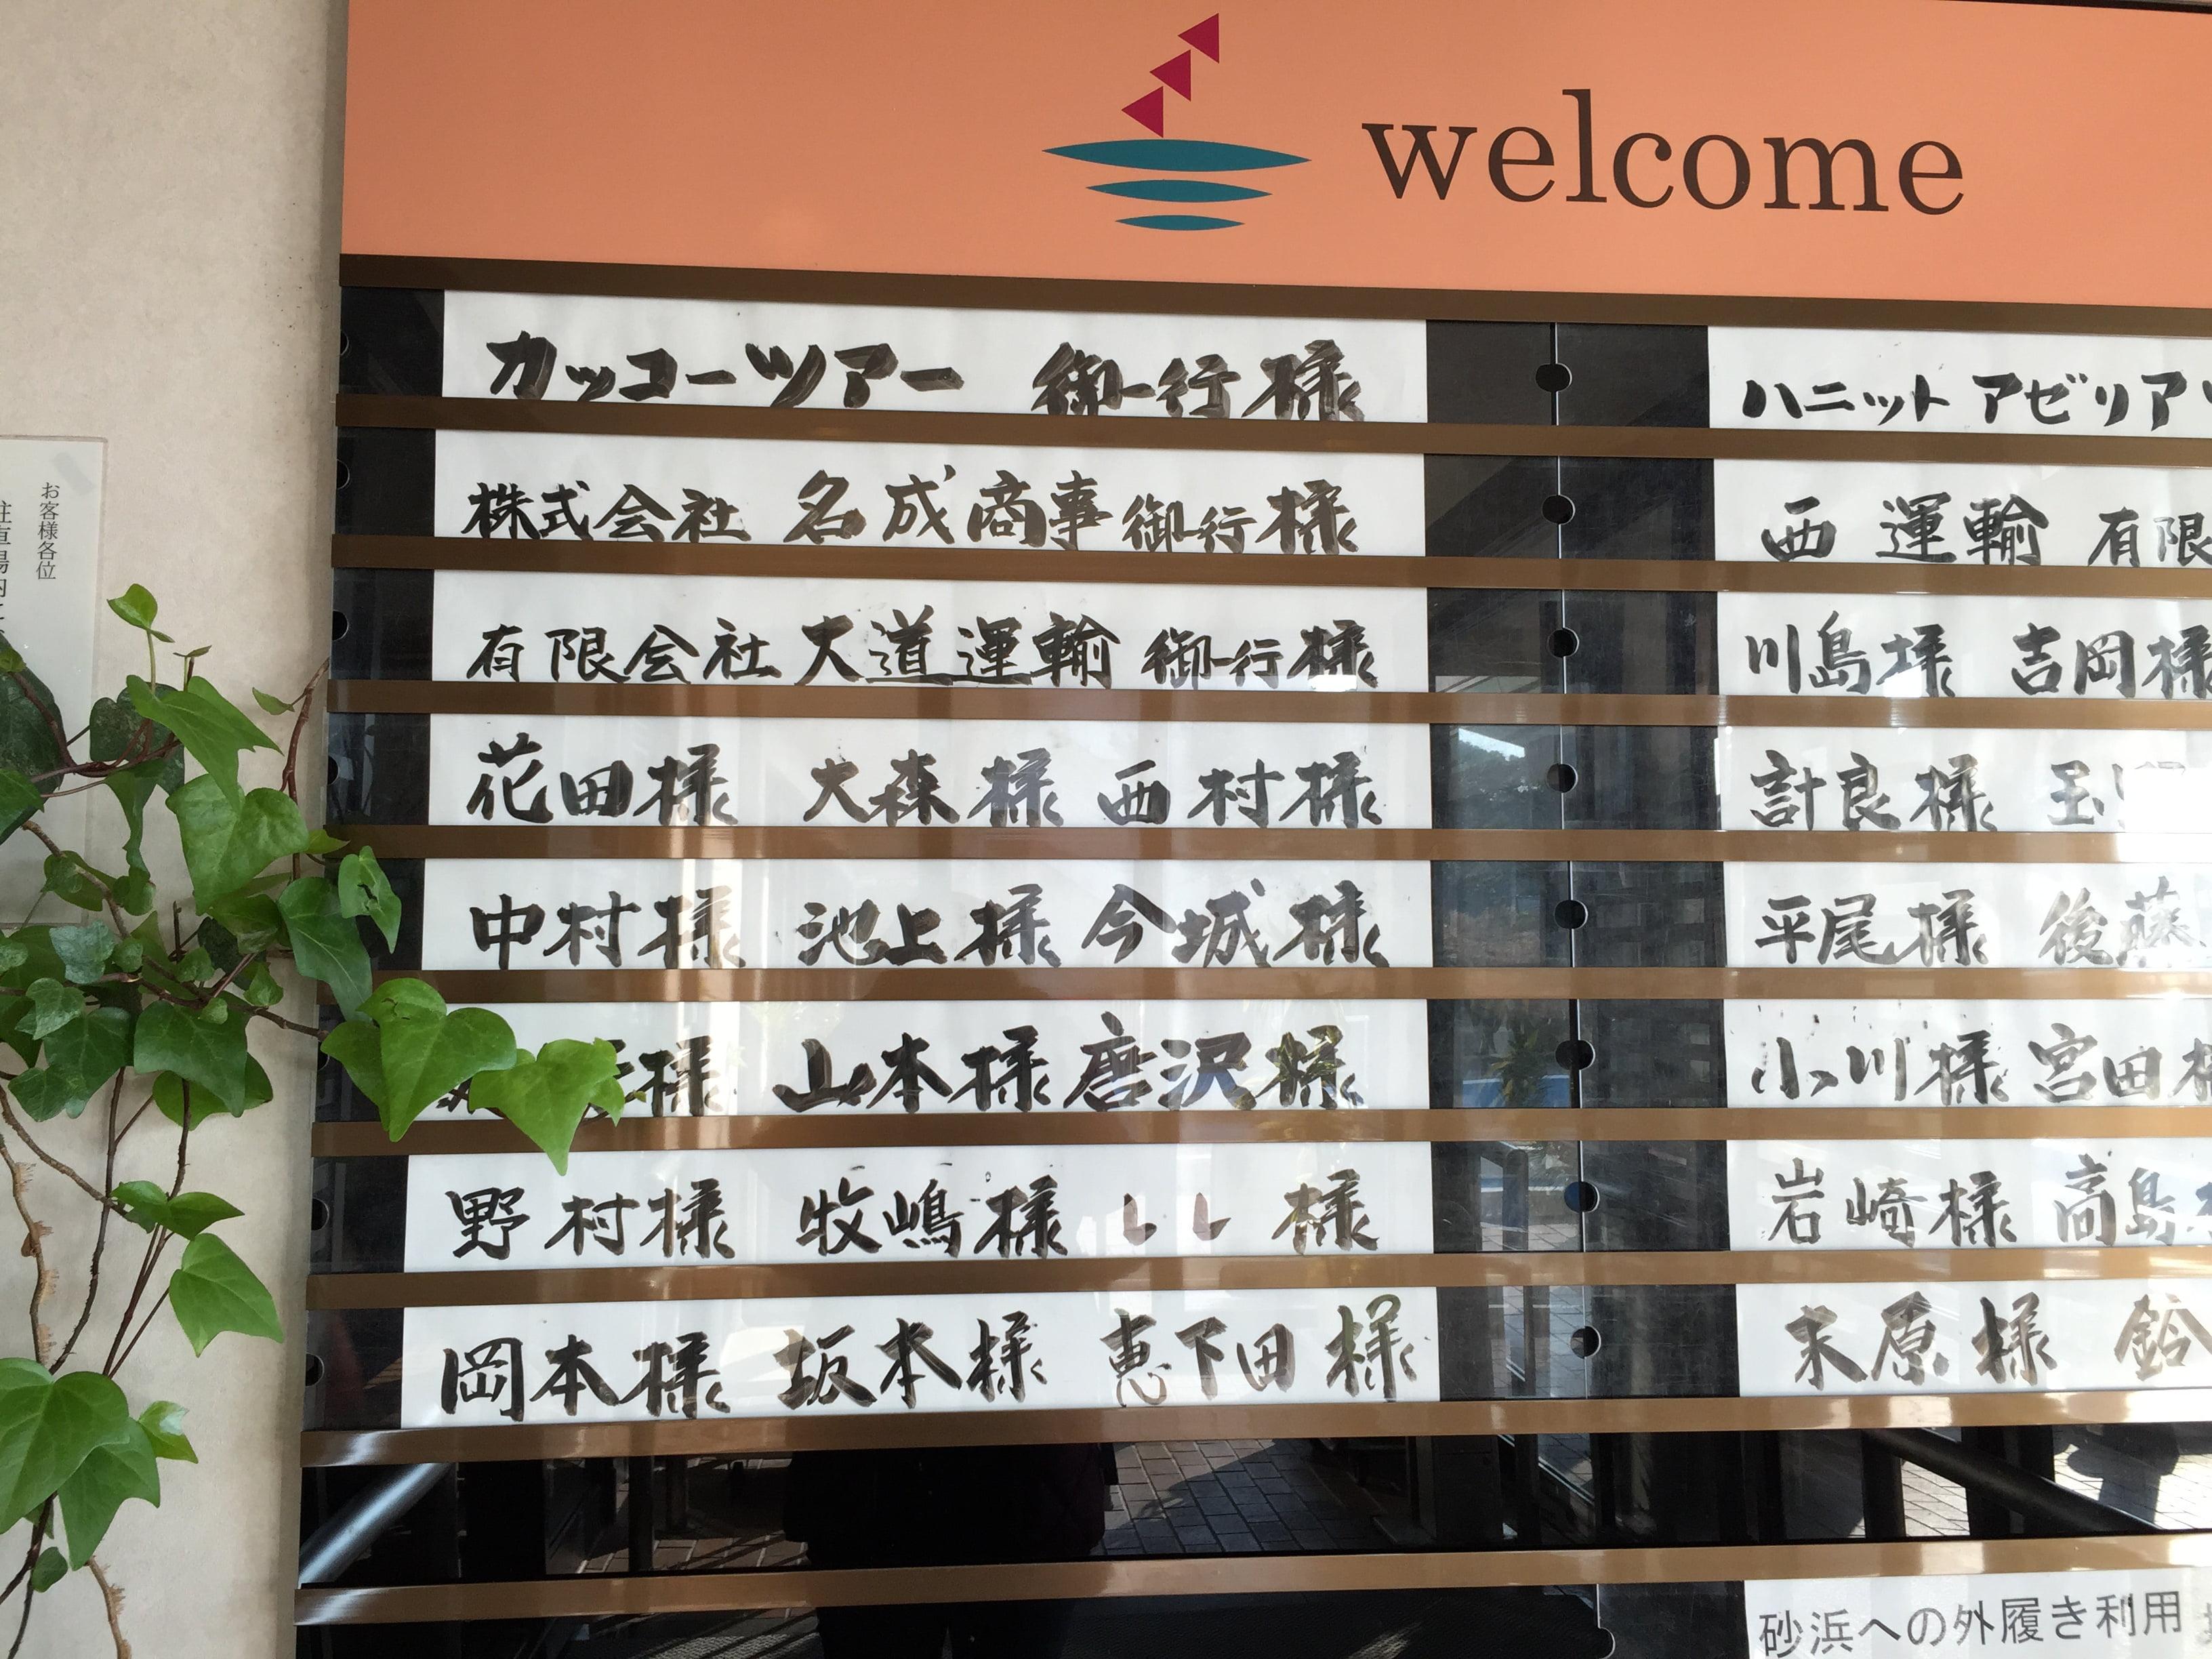 沒想到酒店會把客人的名字寫上去,也是我的第一次~レレ 樣~